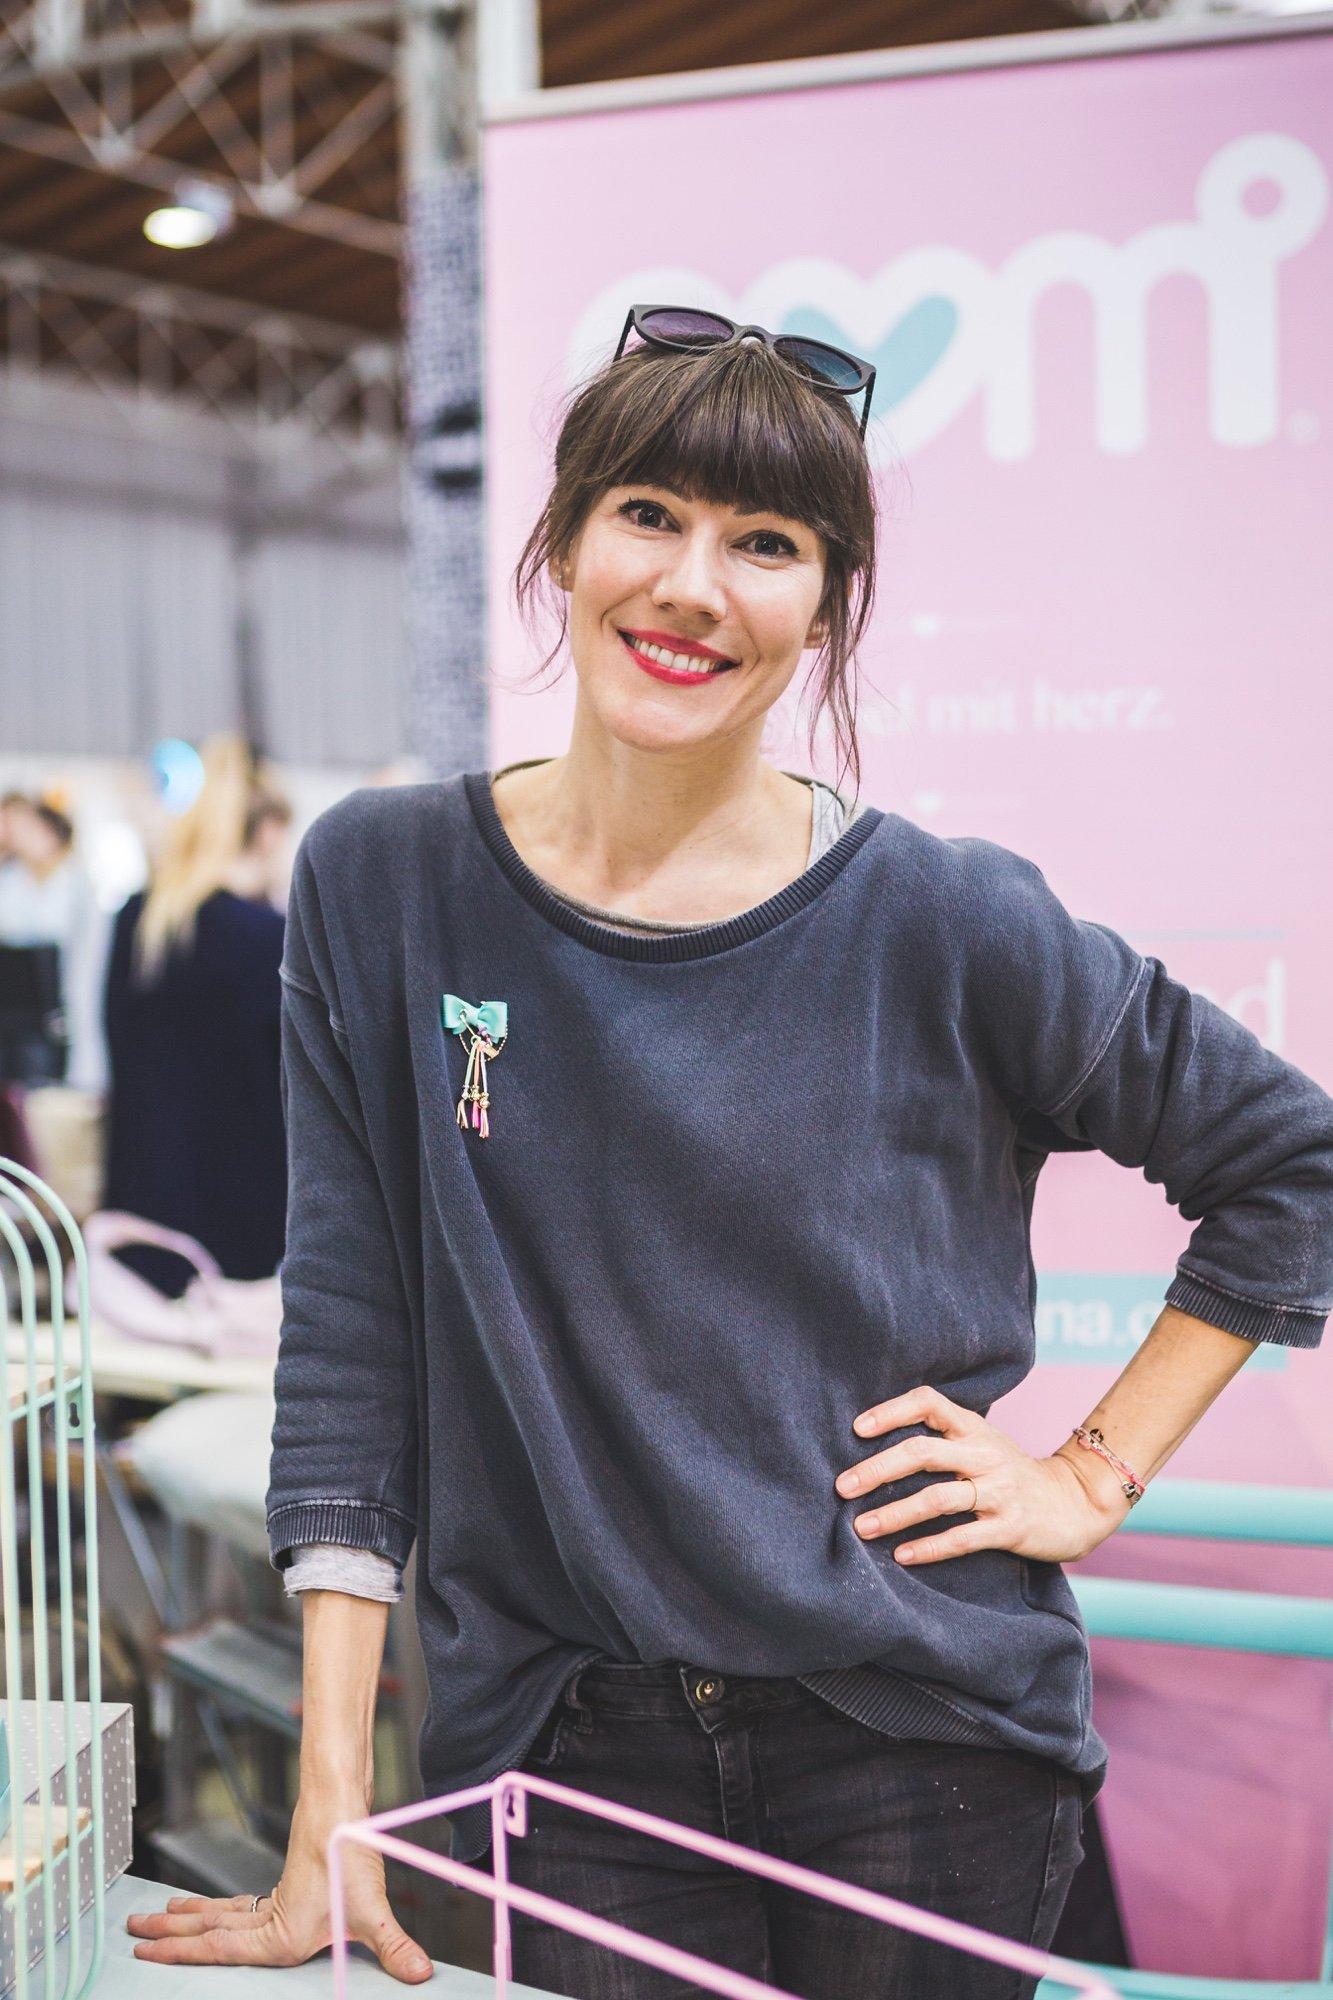 Tamara LUX